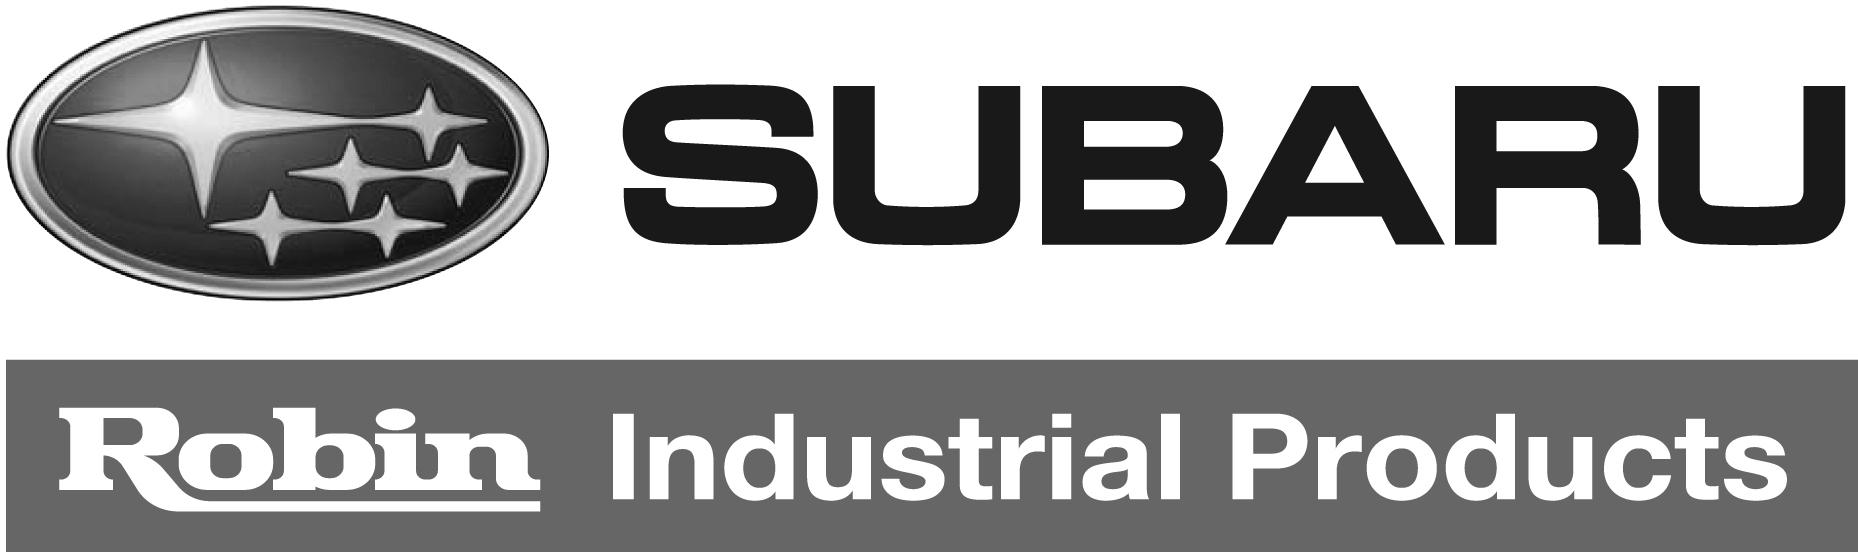 Subaru Robin Industrial Products